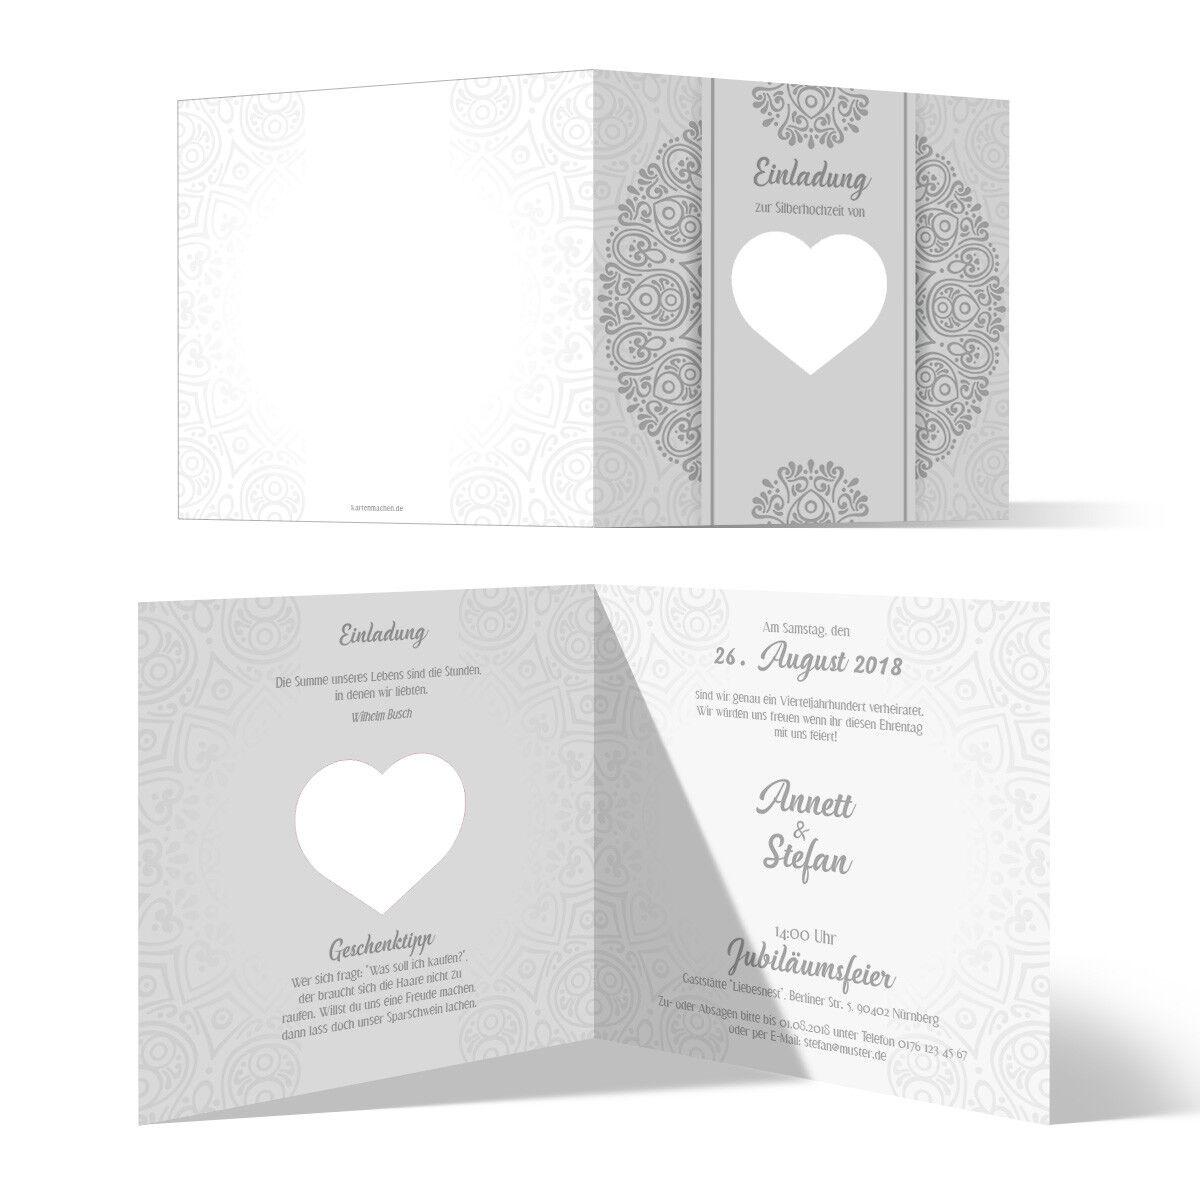 Lasergeschnittene Hochzeitseinladungen Silber Hochzeit Herzensangelegenheit   | Niedriger Preis  | Zuverlässige Qualität